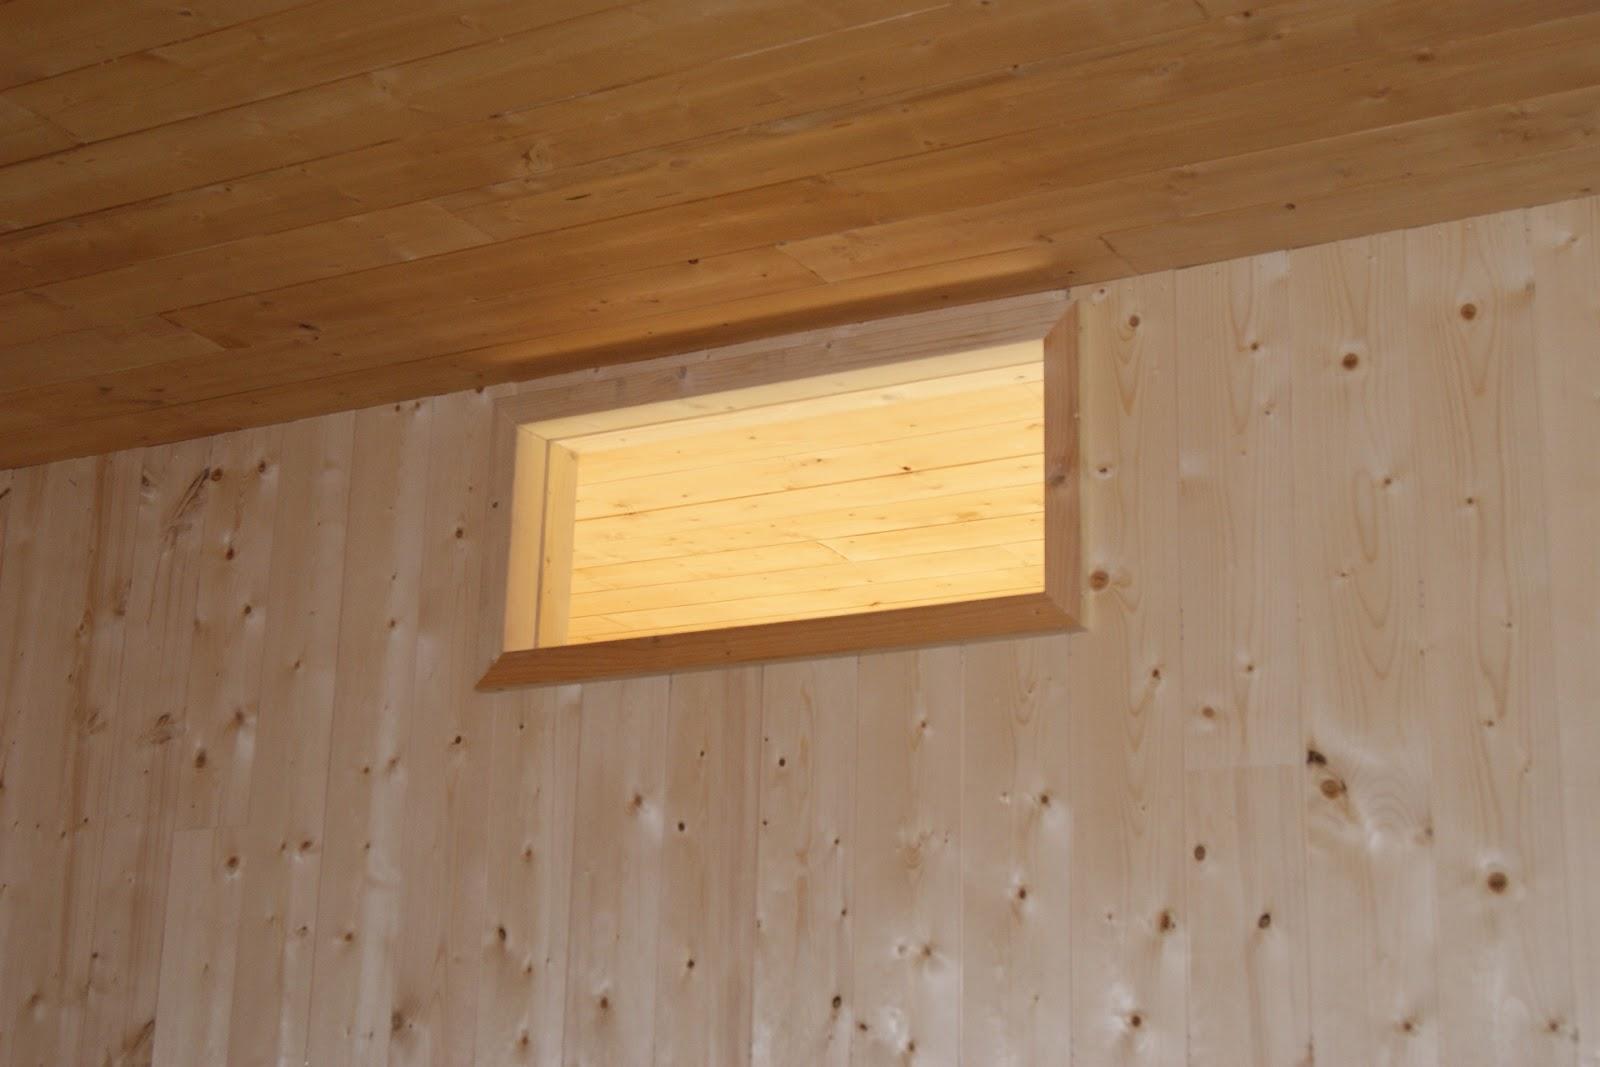 buzz et laly se font un nid en bois puit de jour. Black Bedroom Furniture Sets. Home Design Ideas